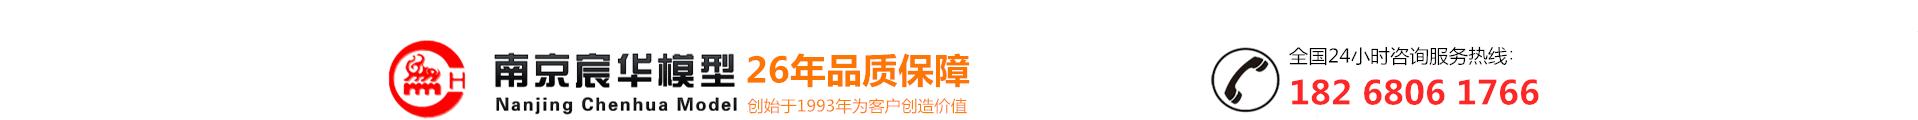 南京宸华建筑科技服务有限责任公司